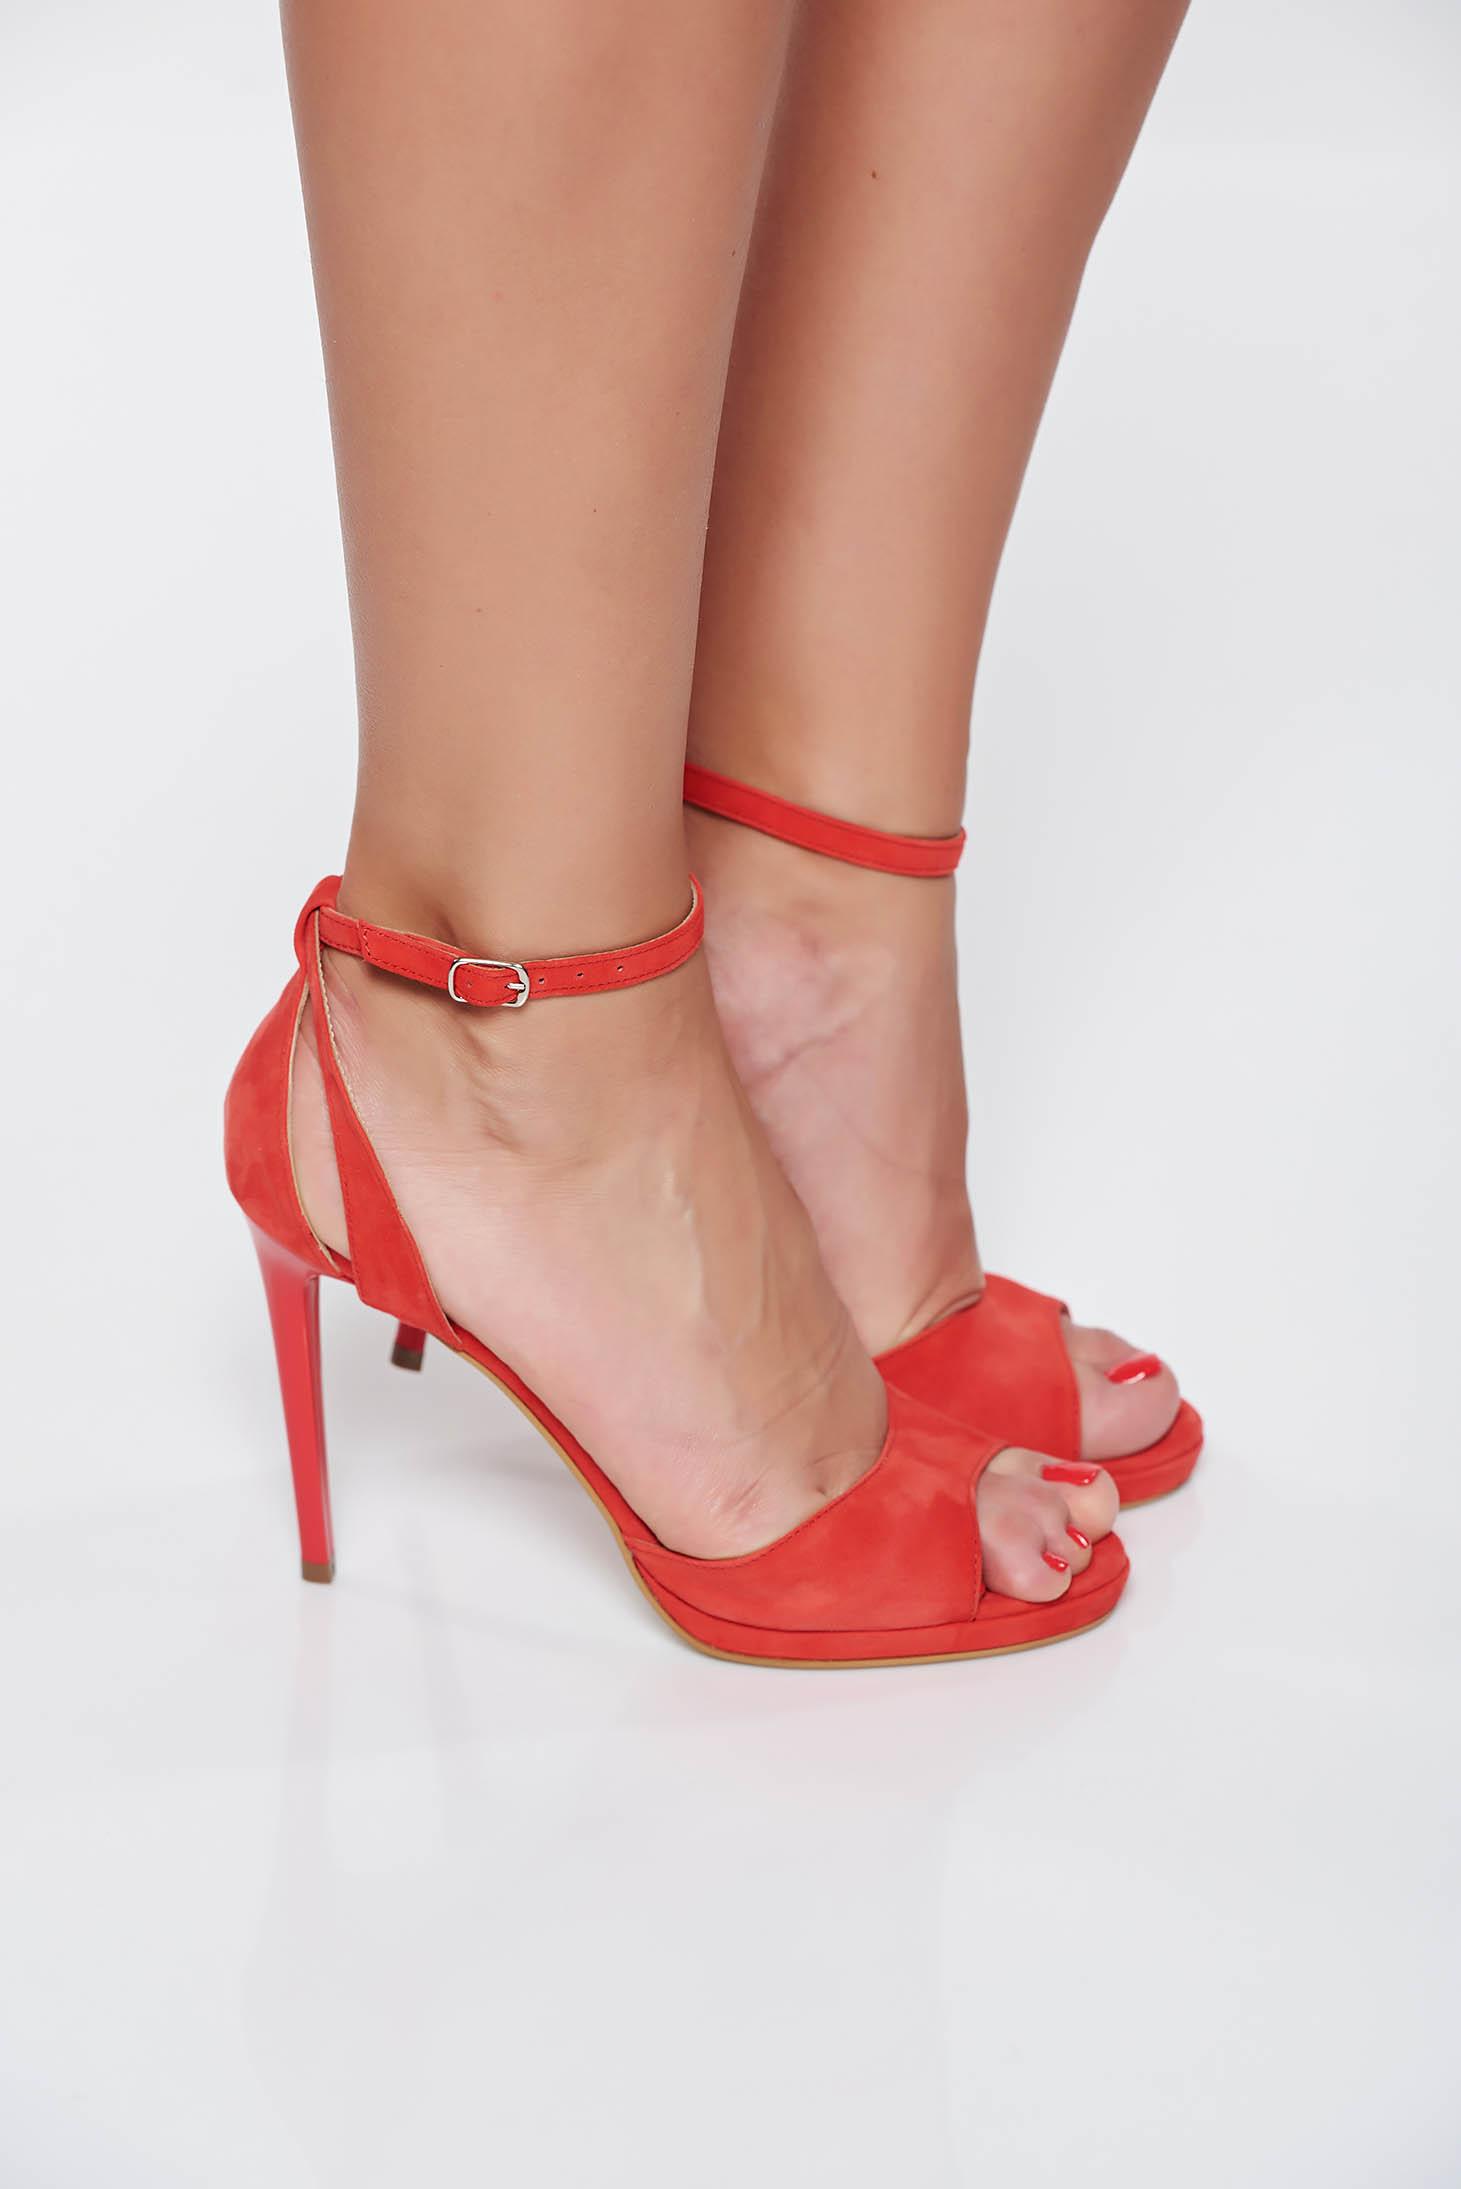 Sandale negre elegante cu toc inalt din piele intoarsa